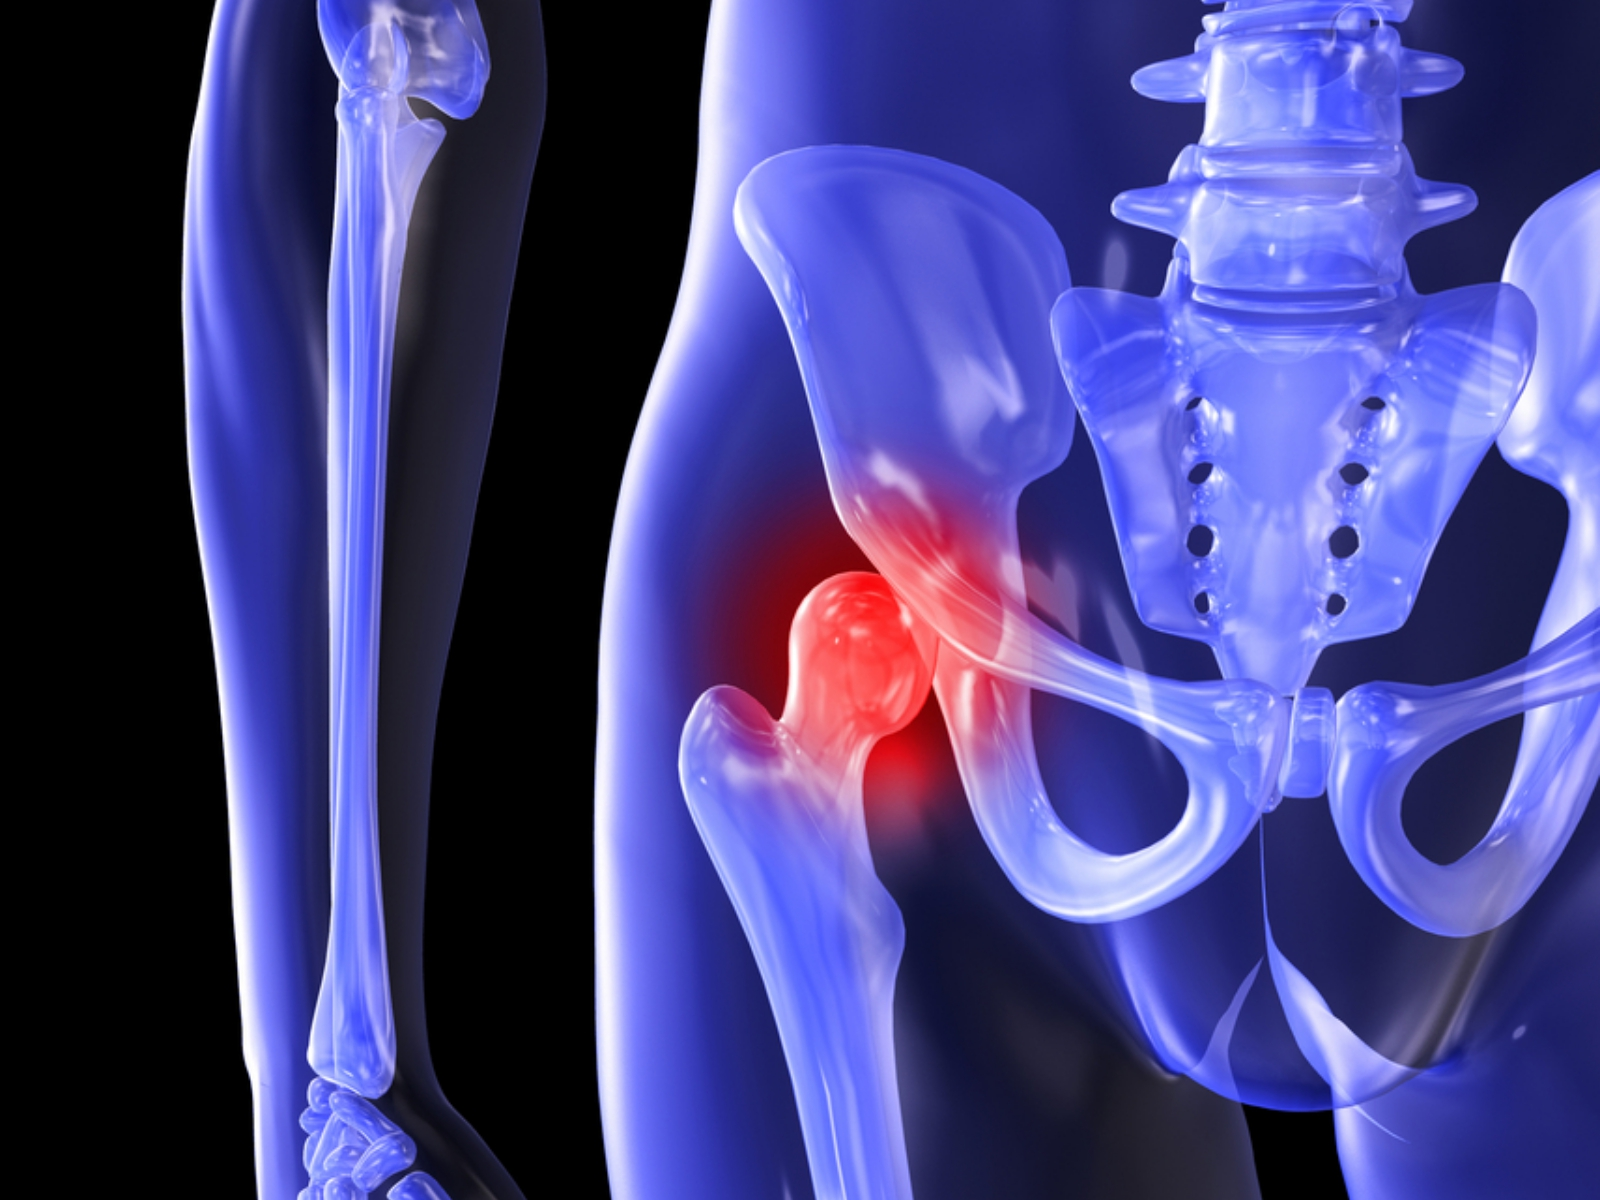 大腿骨頭壊死症の症状・診断・治療 [骨・筋肉・関節の病気] All About